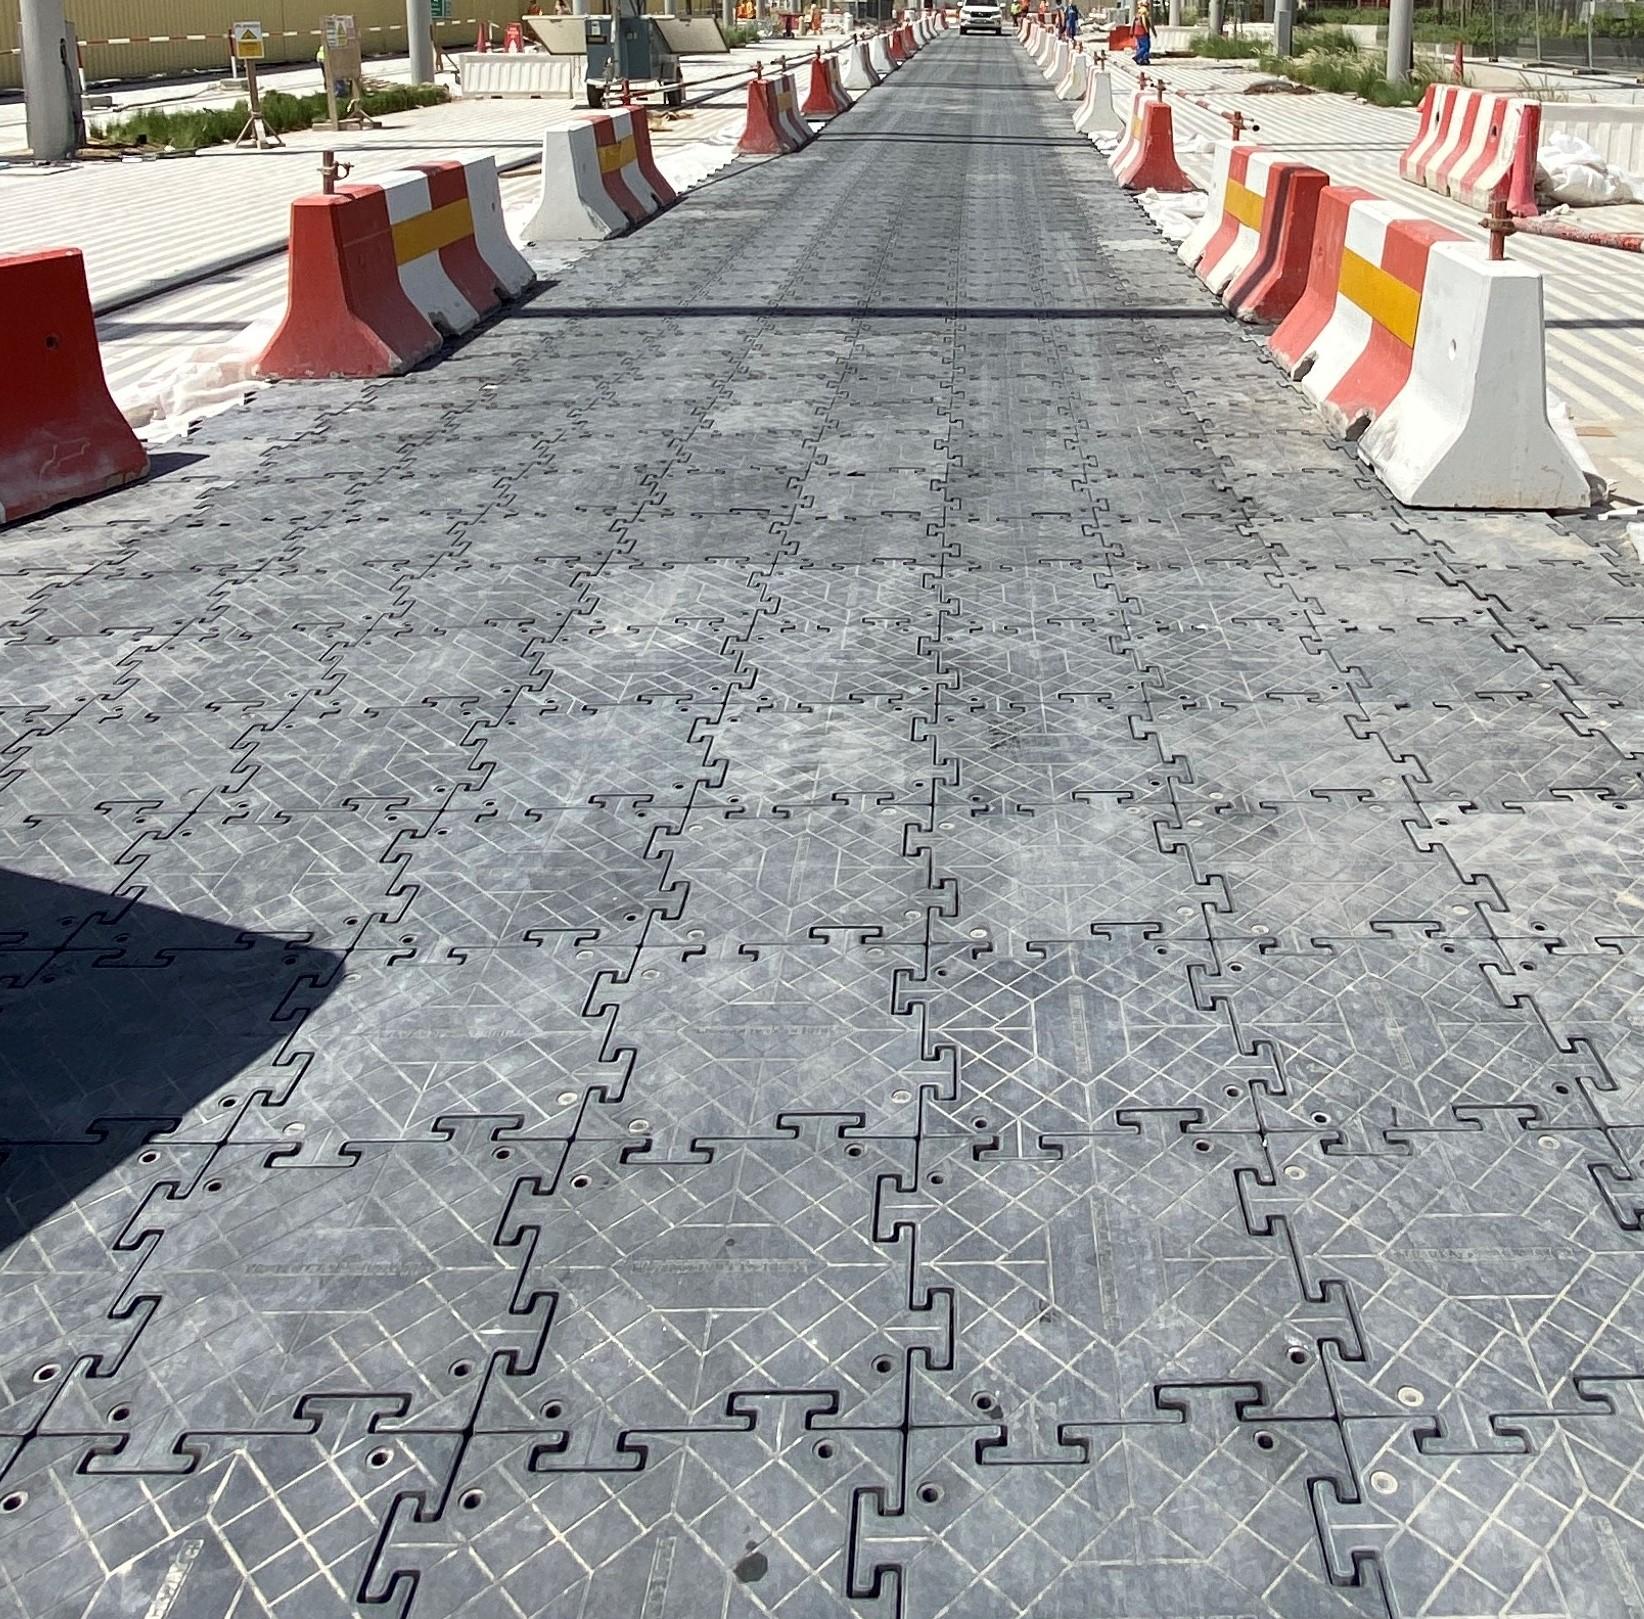 Temporary road